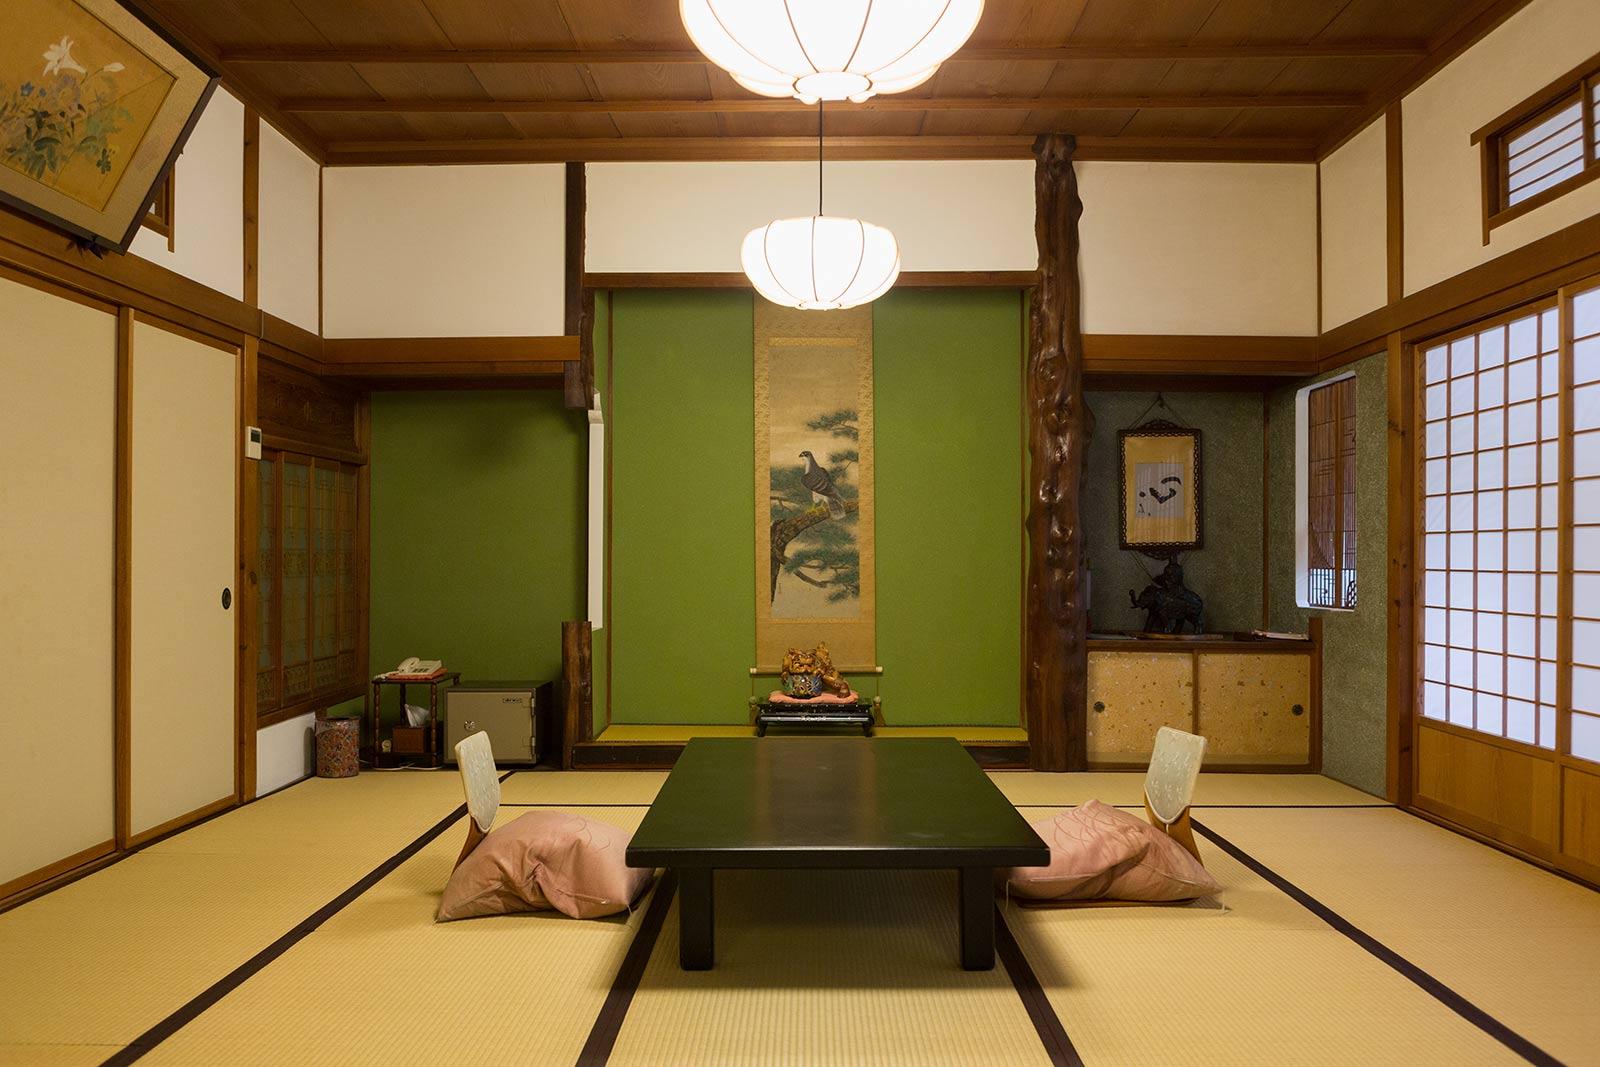 欄間や障子など各部屋で意匠が異なり、さすがは文化財という風格を感じる緑風館の一室